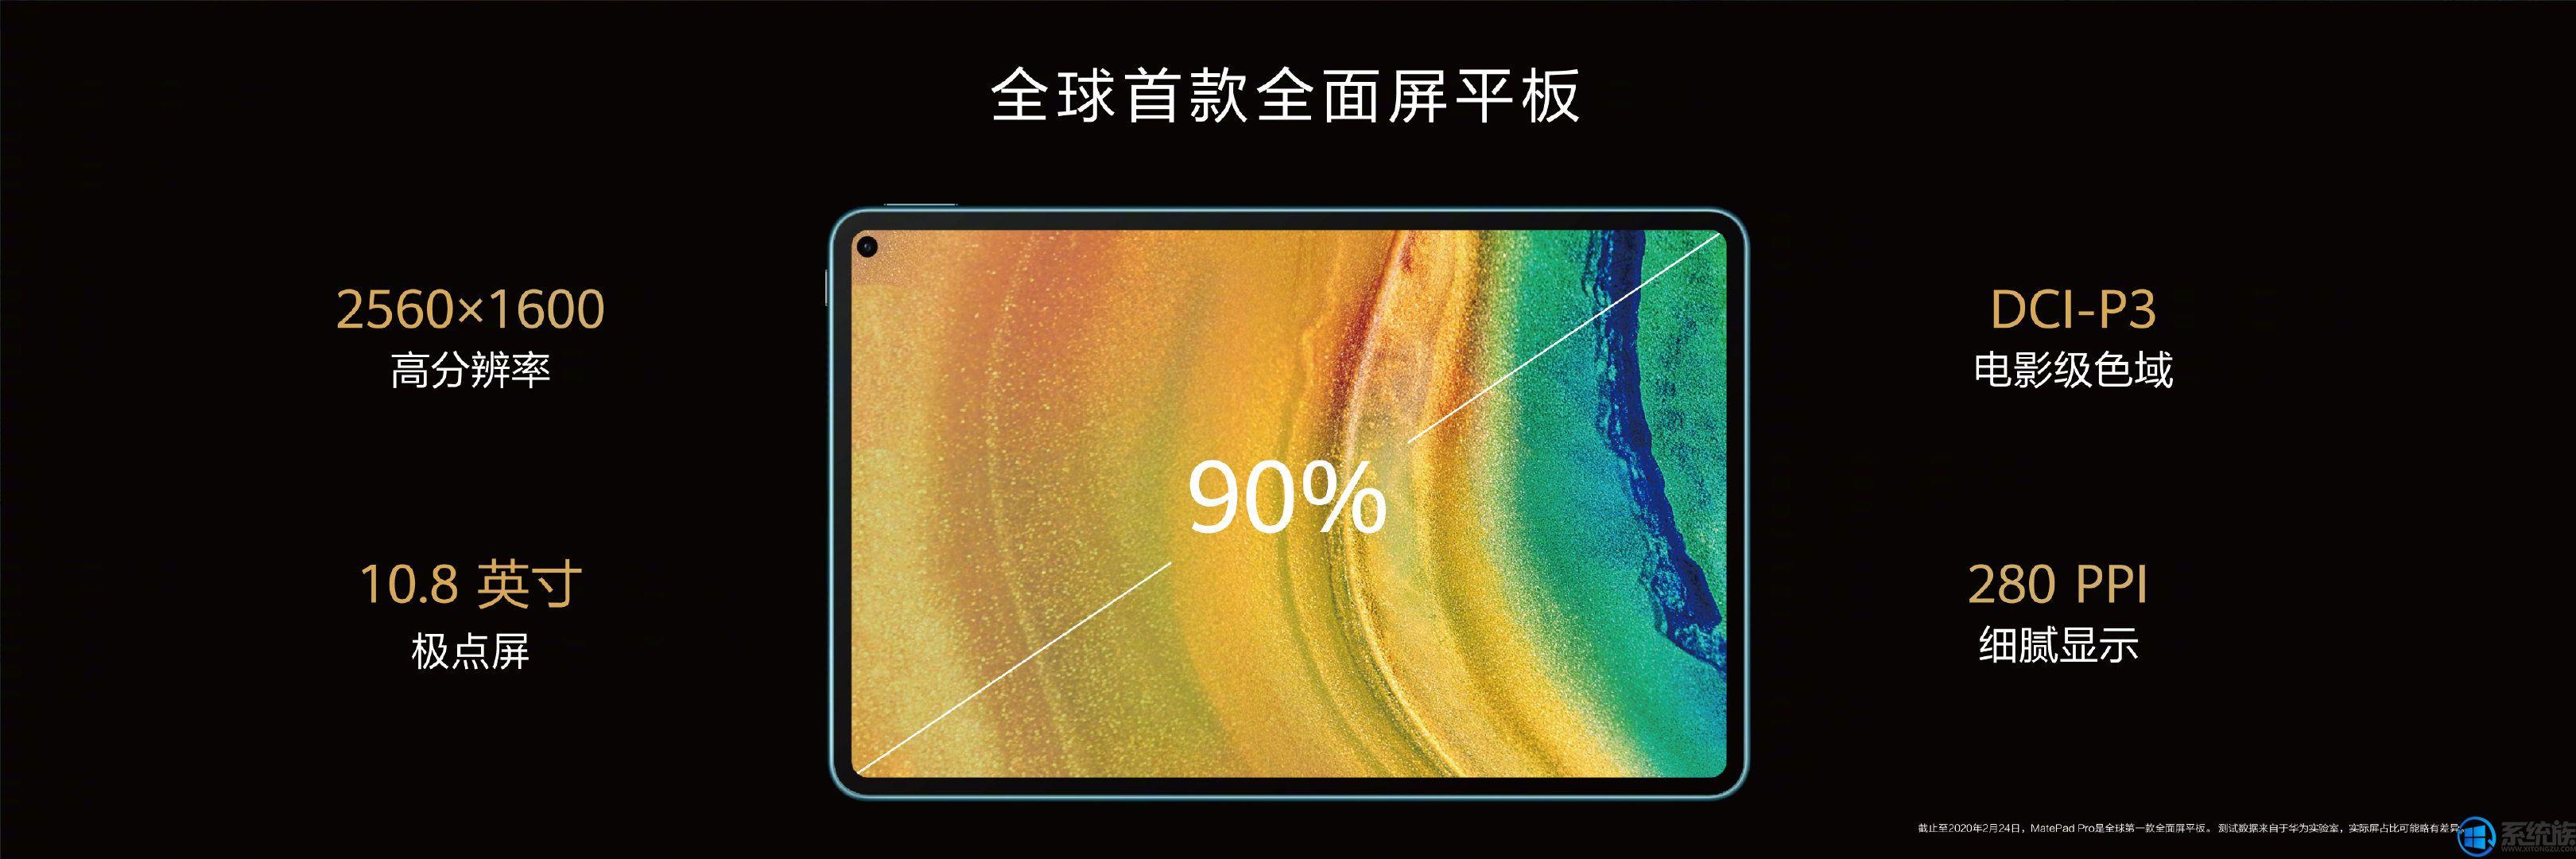 昨晚华为发布会推出全新平板MatePad Pro 5G